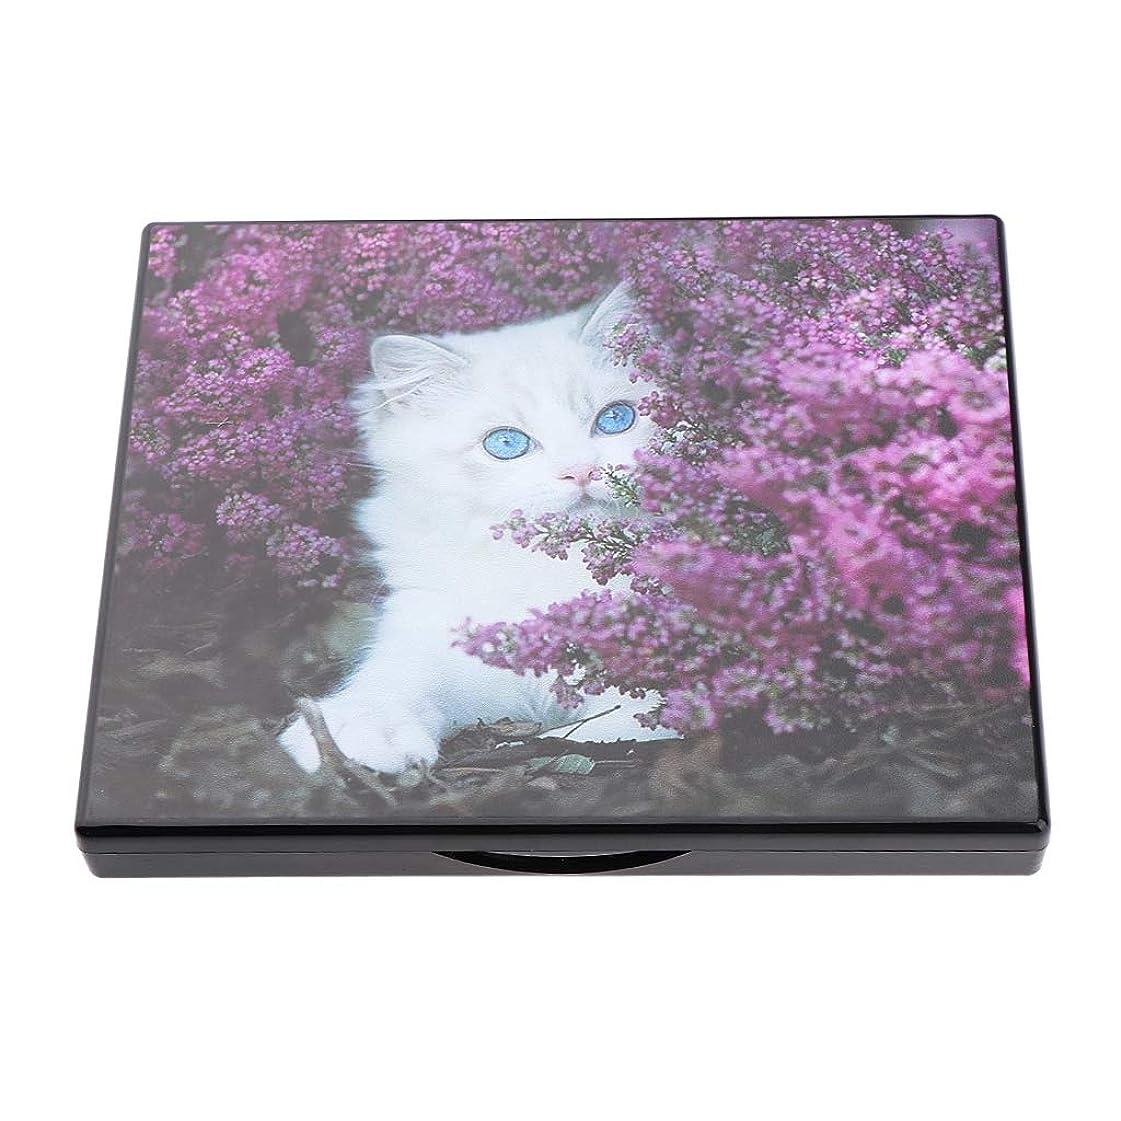 目を覚ます七時半ステーキDYNWAVE 磁気化粧パレット ミラー付き 空ケース 手作り化粧品 コンテナ 旅行小物 省スペース 便携 全4色 - 愛らしい白猫